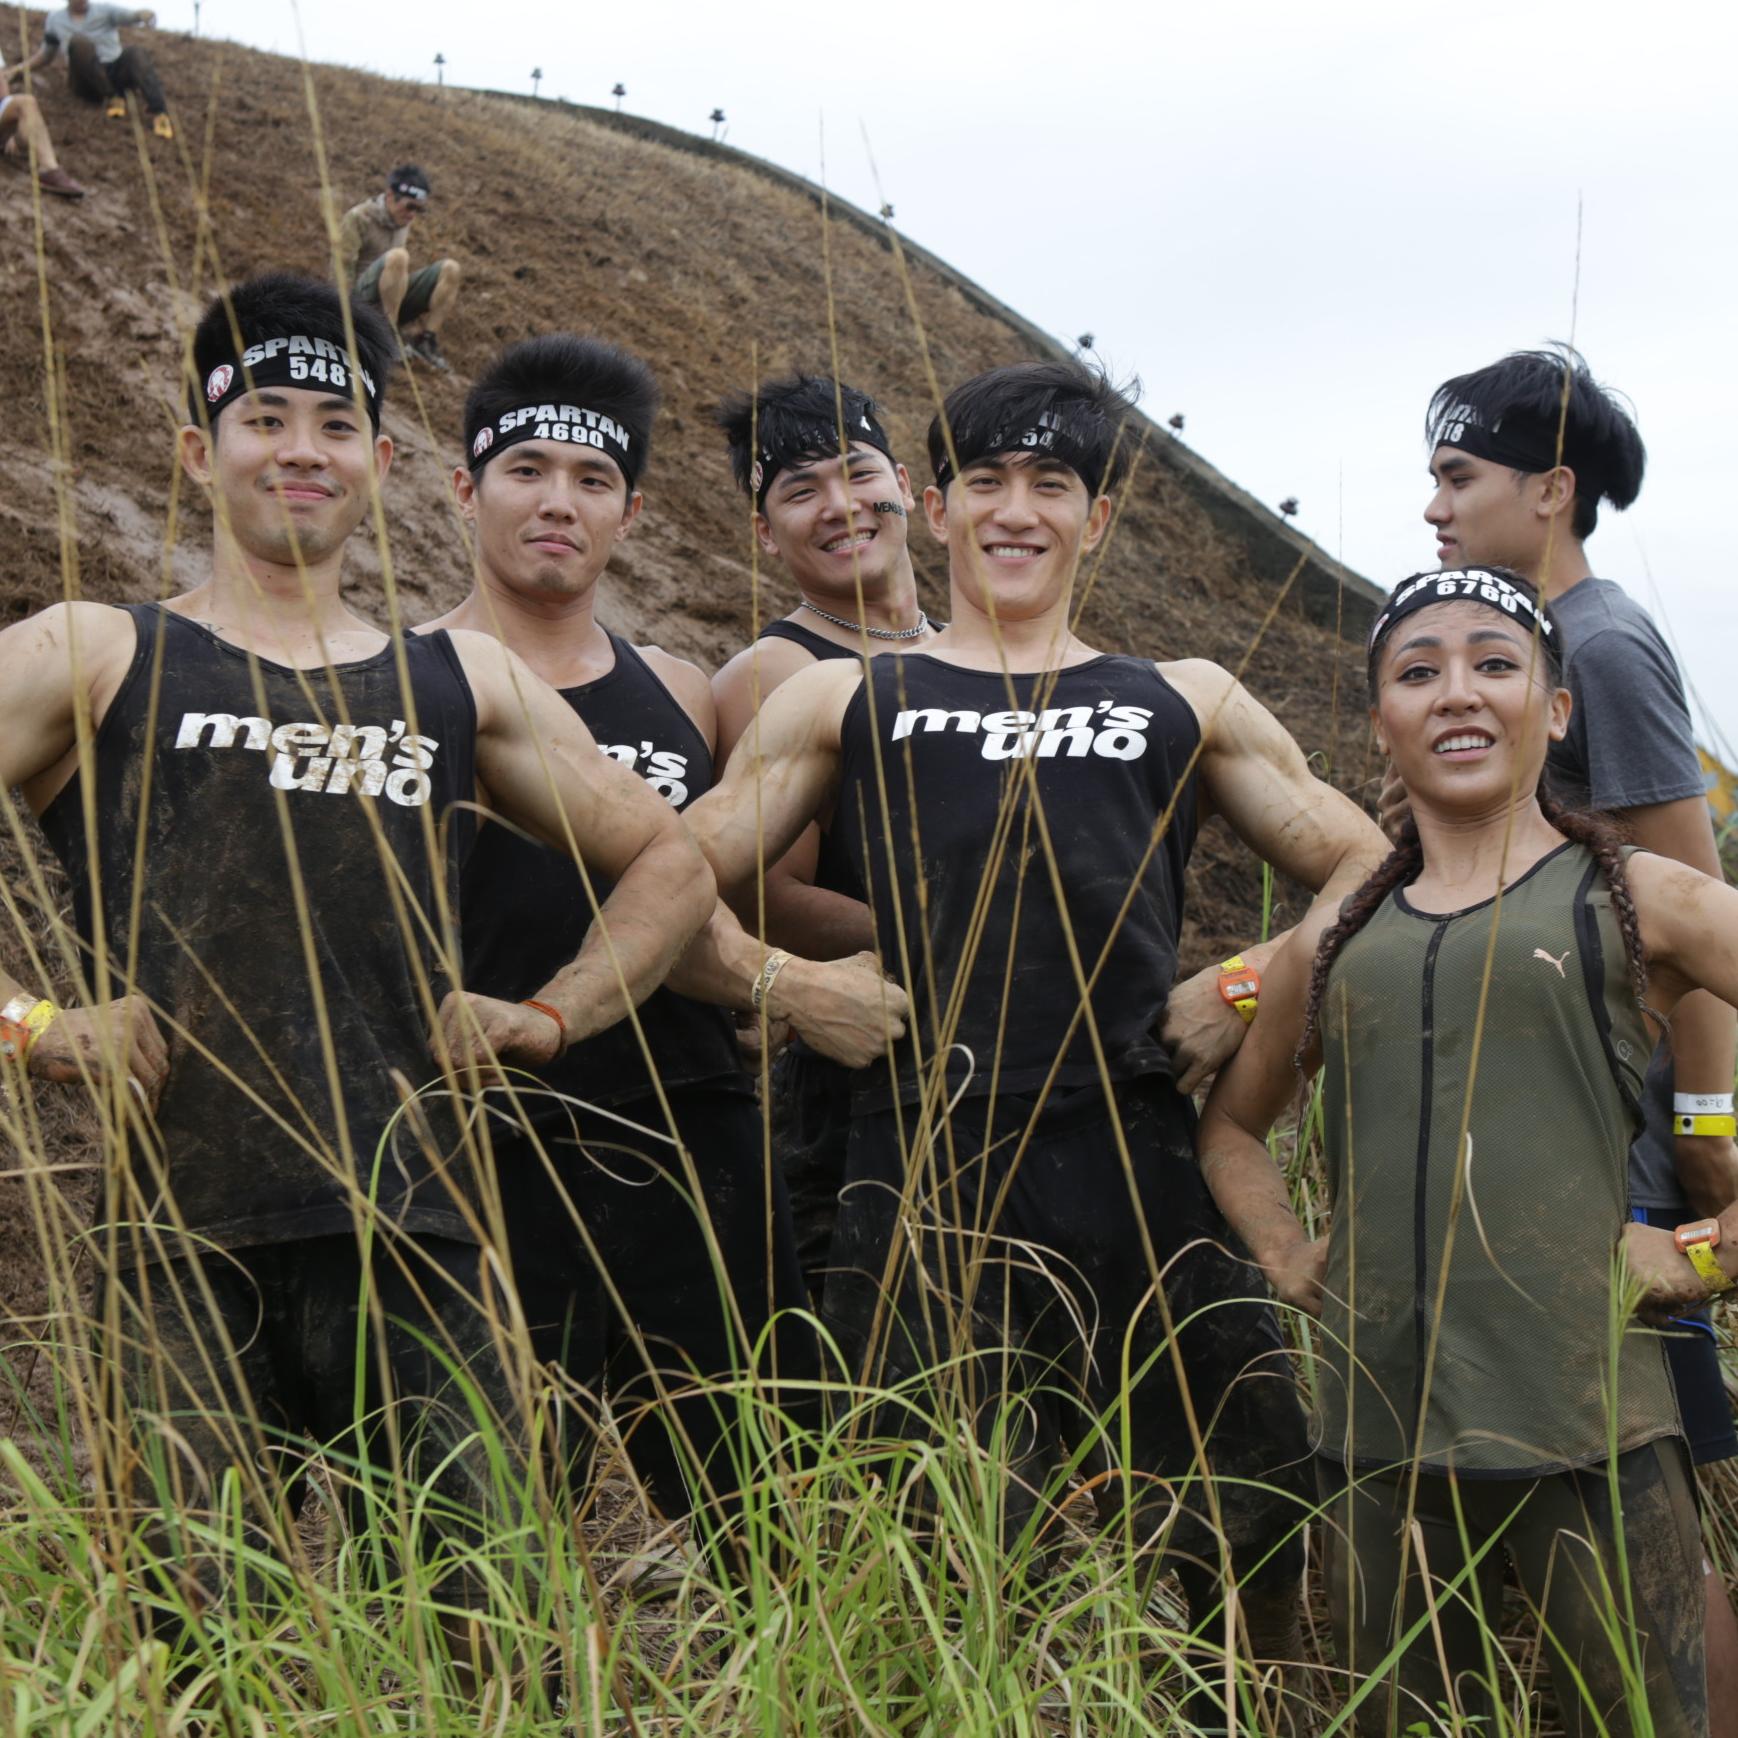 熱血沸騰!一起加入men's uno 斯巴達勇士跑團!